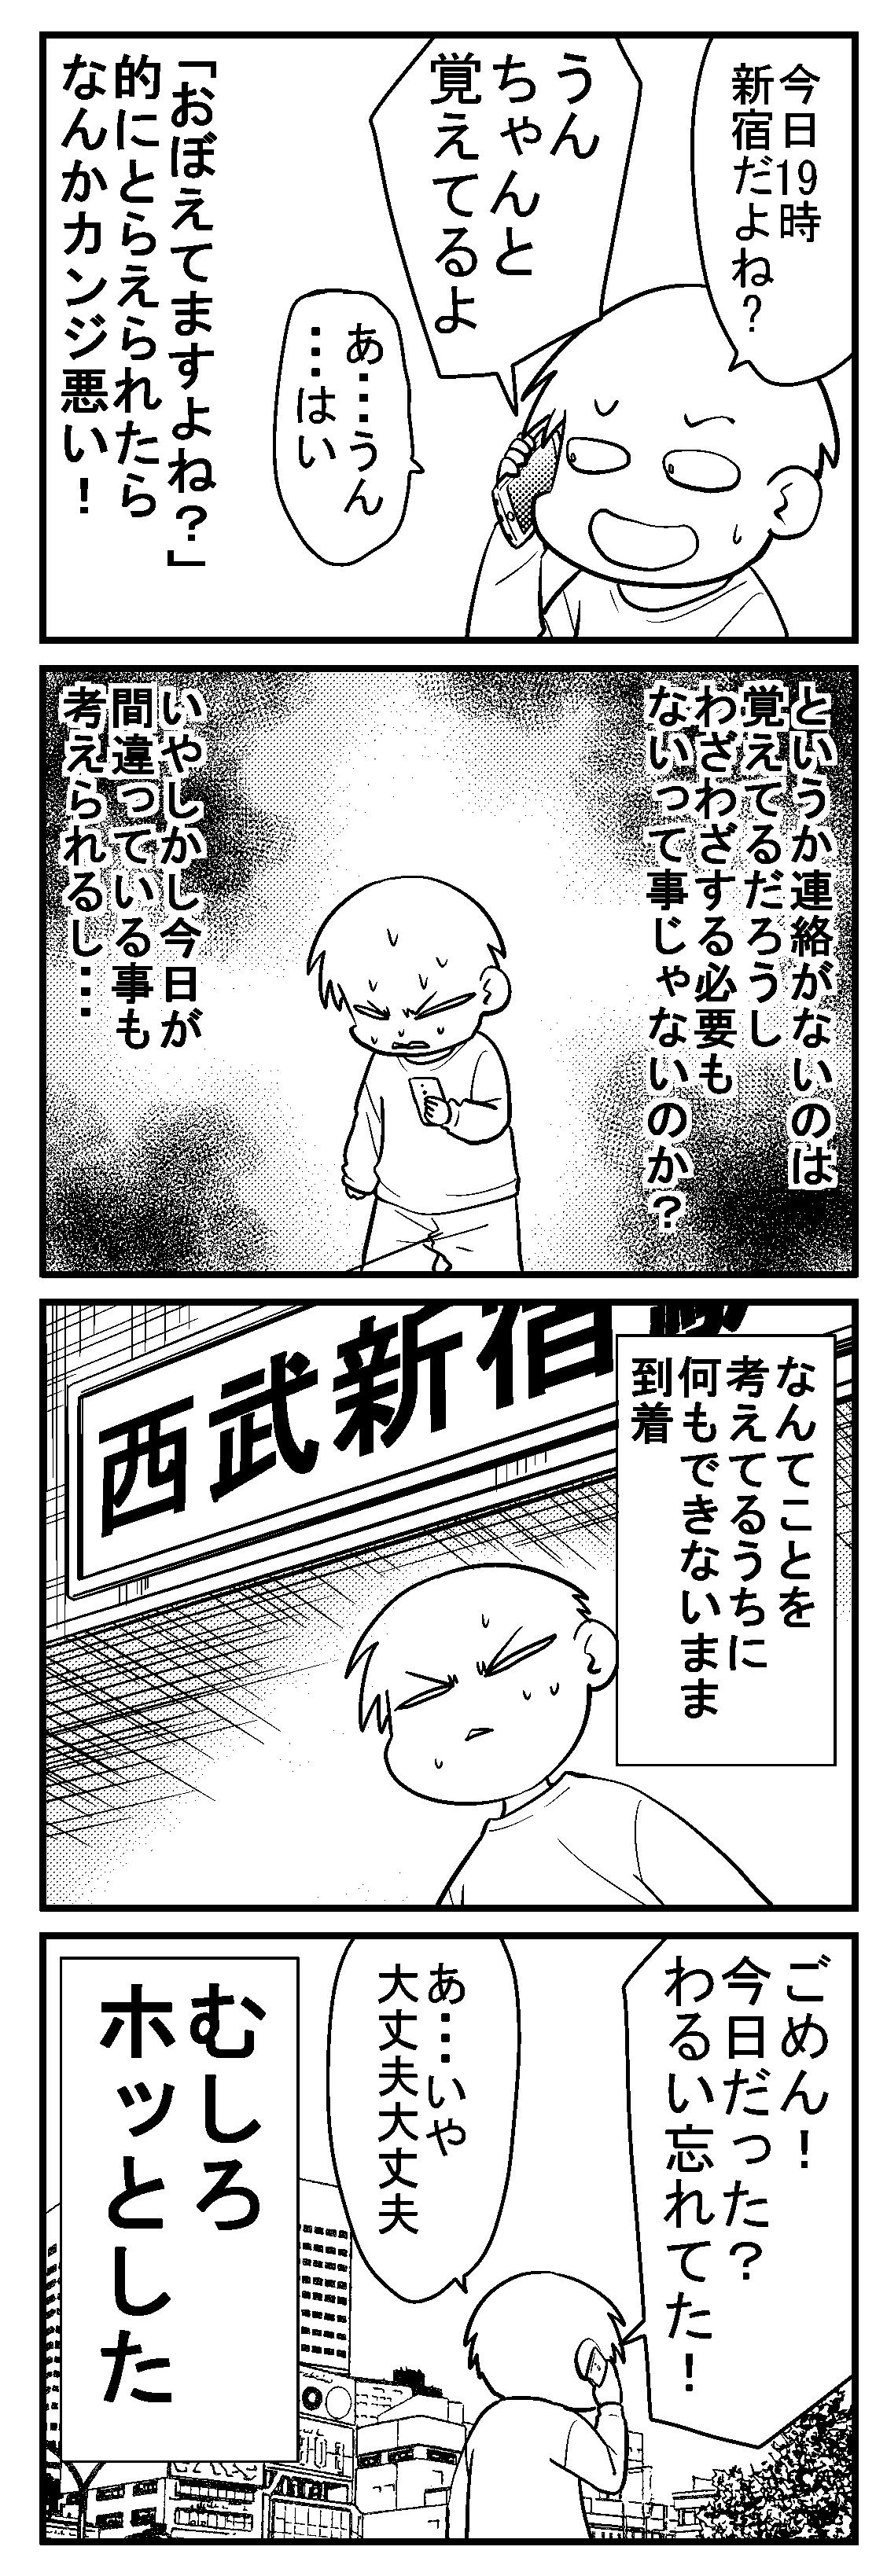 深読みくん26 4